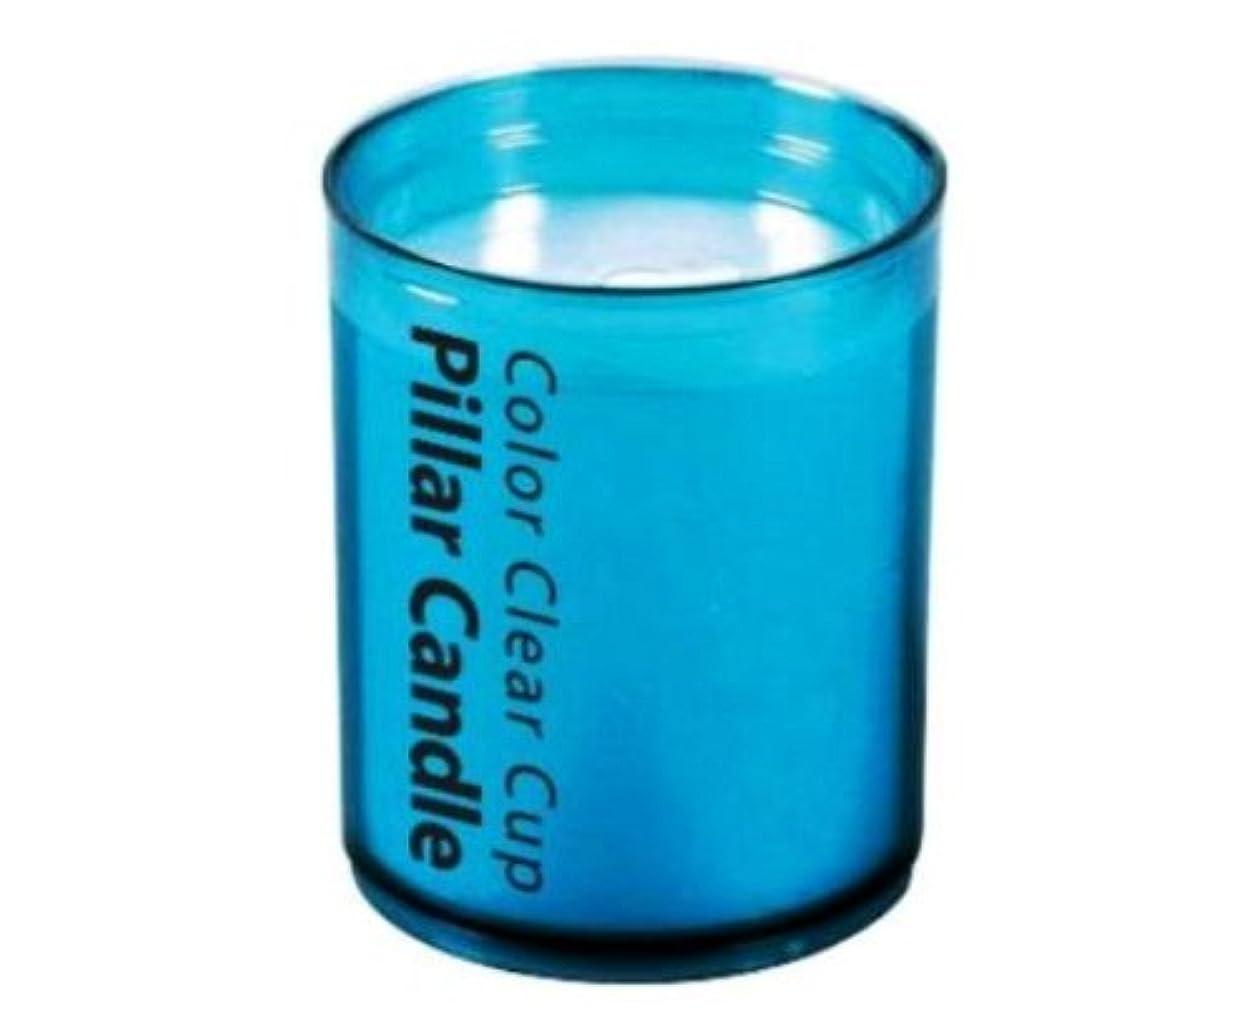 滑りやすい隣接損失カメヤマ カラークリアカップピラー3インチ ブルー